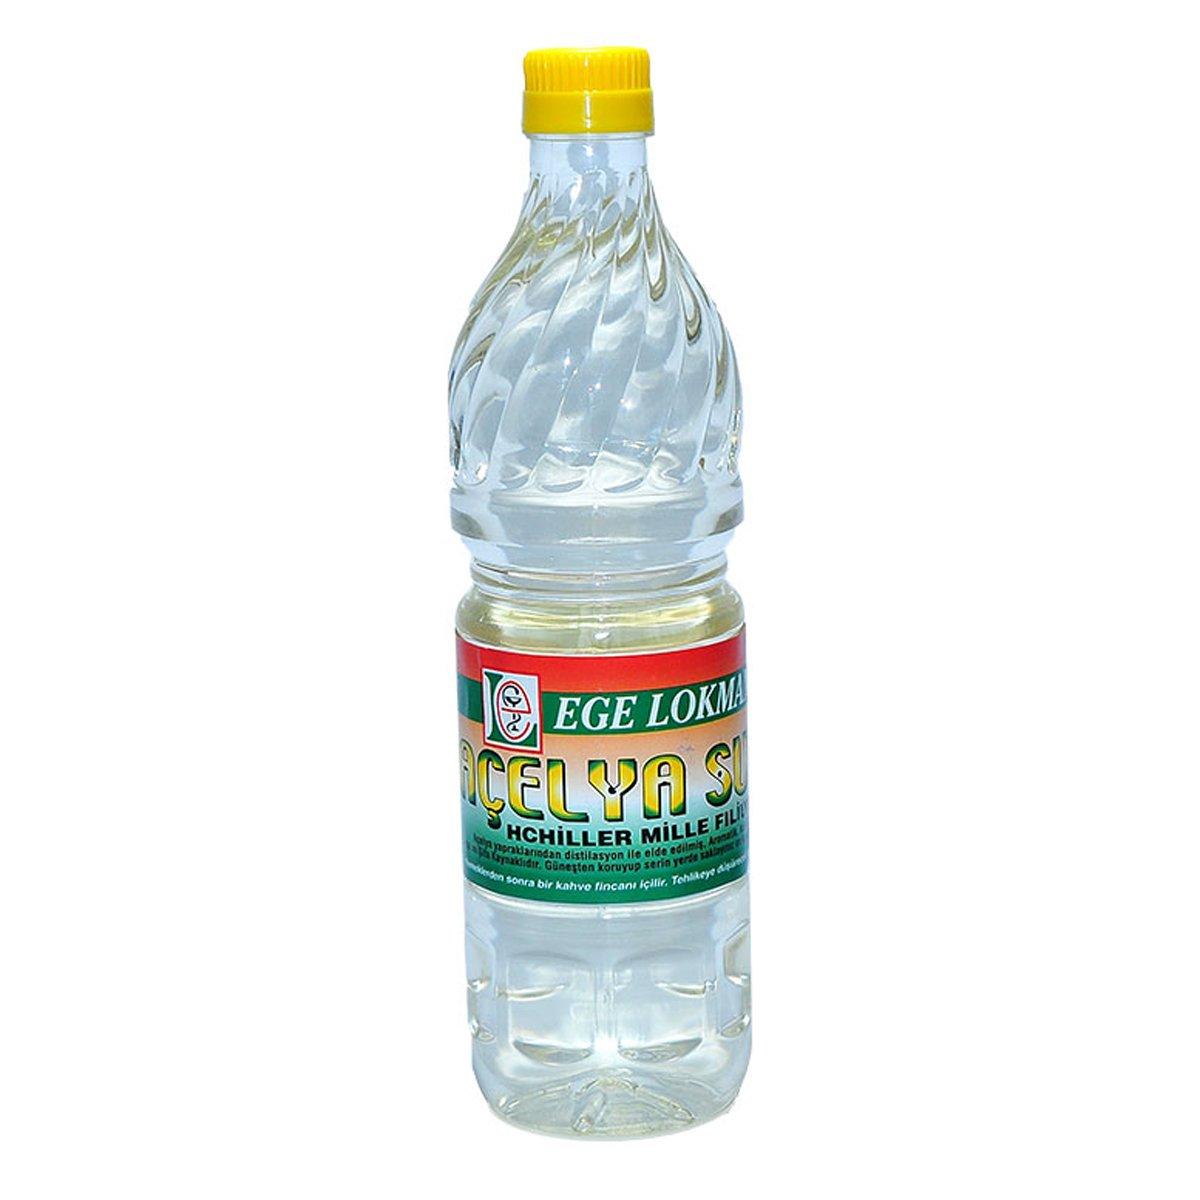 Ege Lokman Açelya Suyu 1Lt ürünü LokmanAVM mağazamızdan güvenle satın alın!